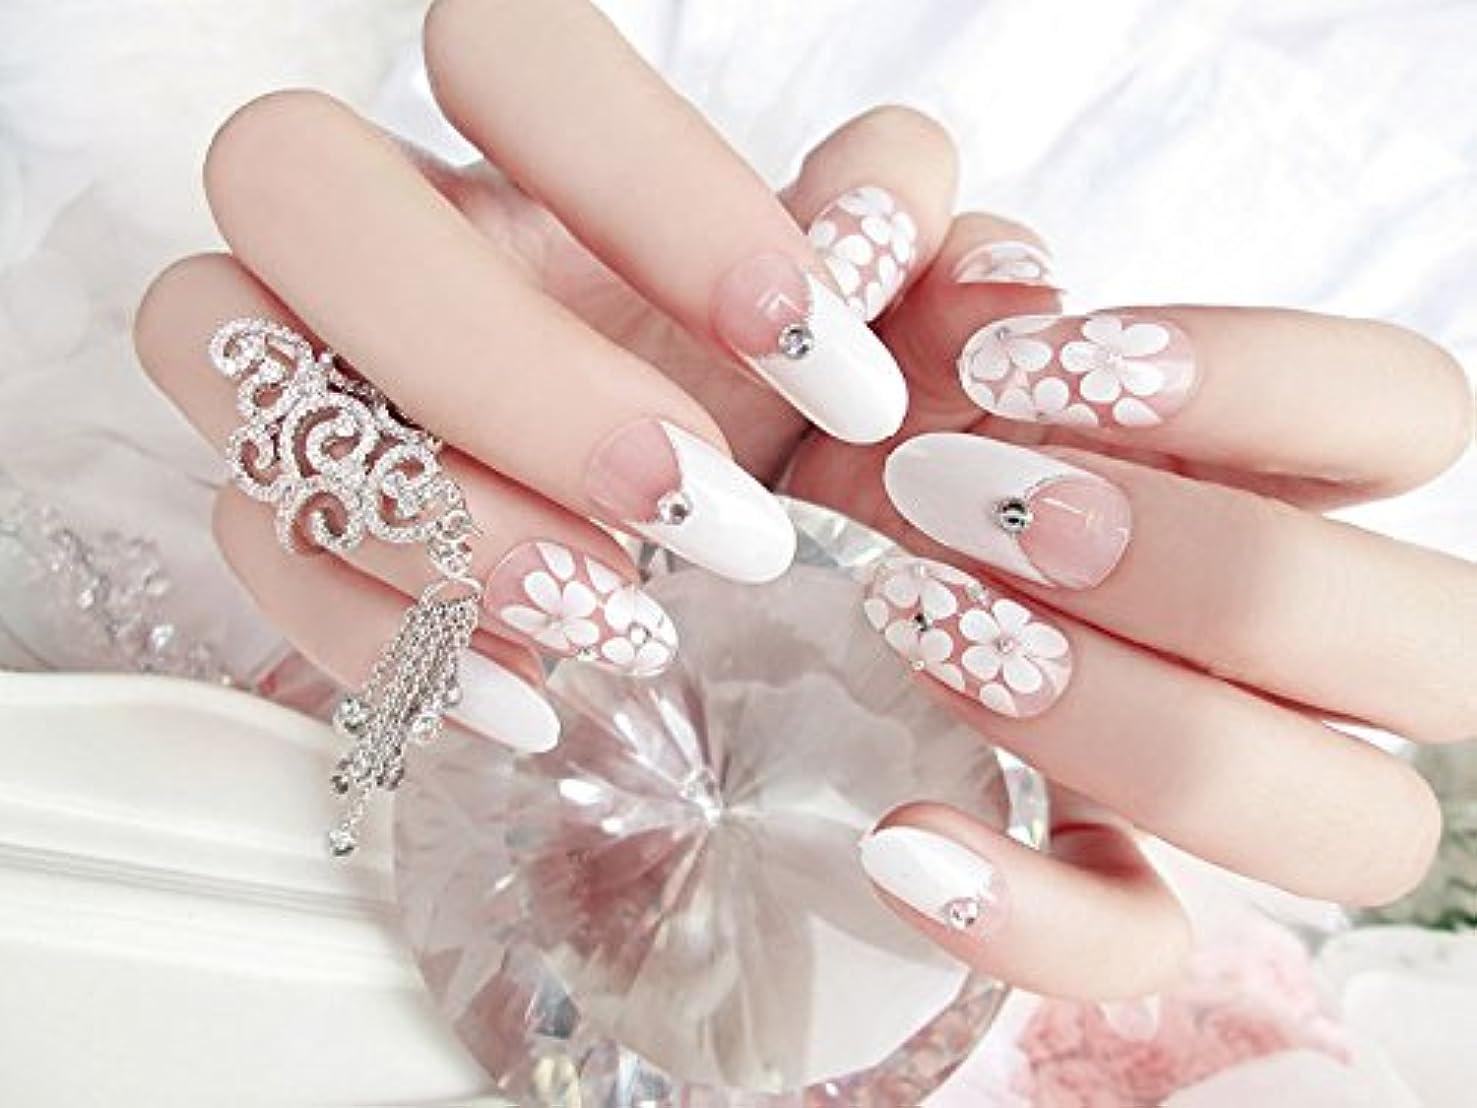 24枚入 可愛い優雅ネイル 手作りネイルチップ 和装 ネイル 結婚式、パーティー、二次会など 予め接着した爪 中等長ネイルチップ (B21)